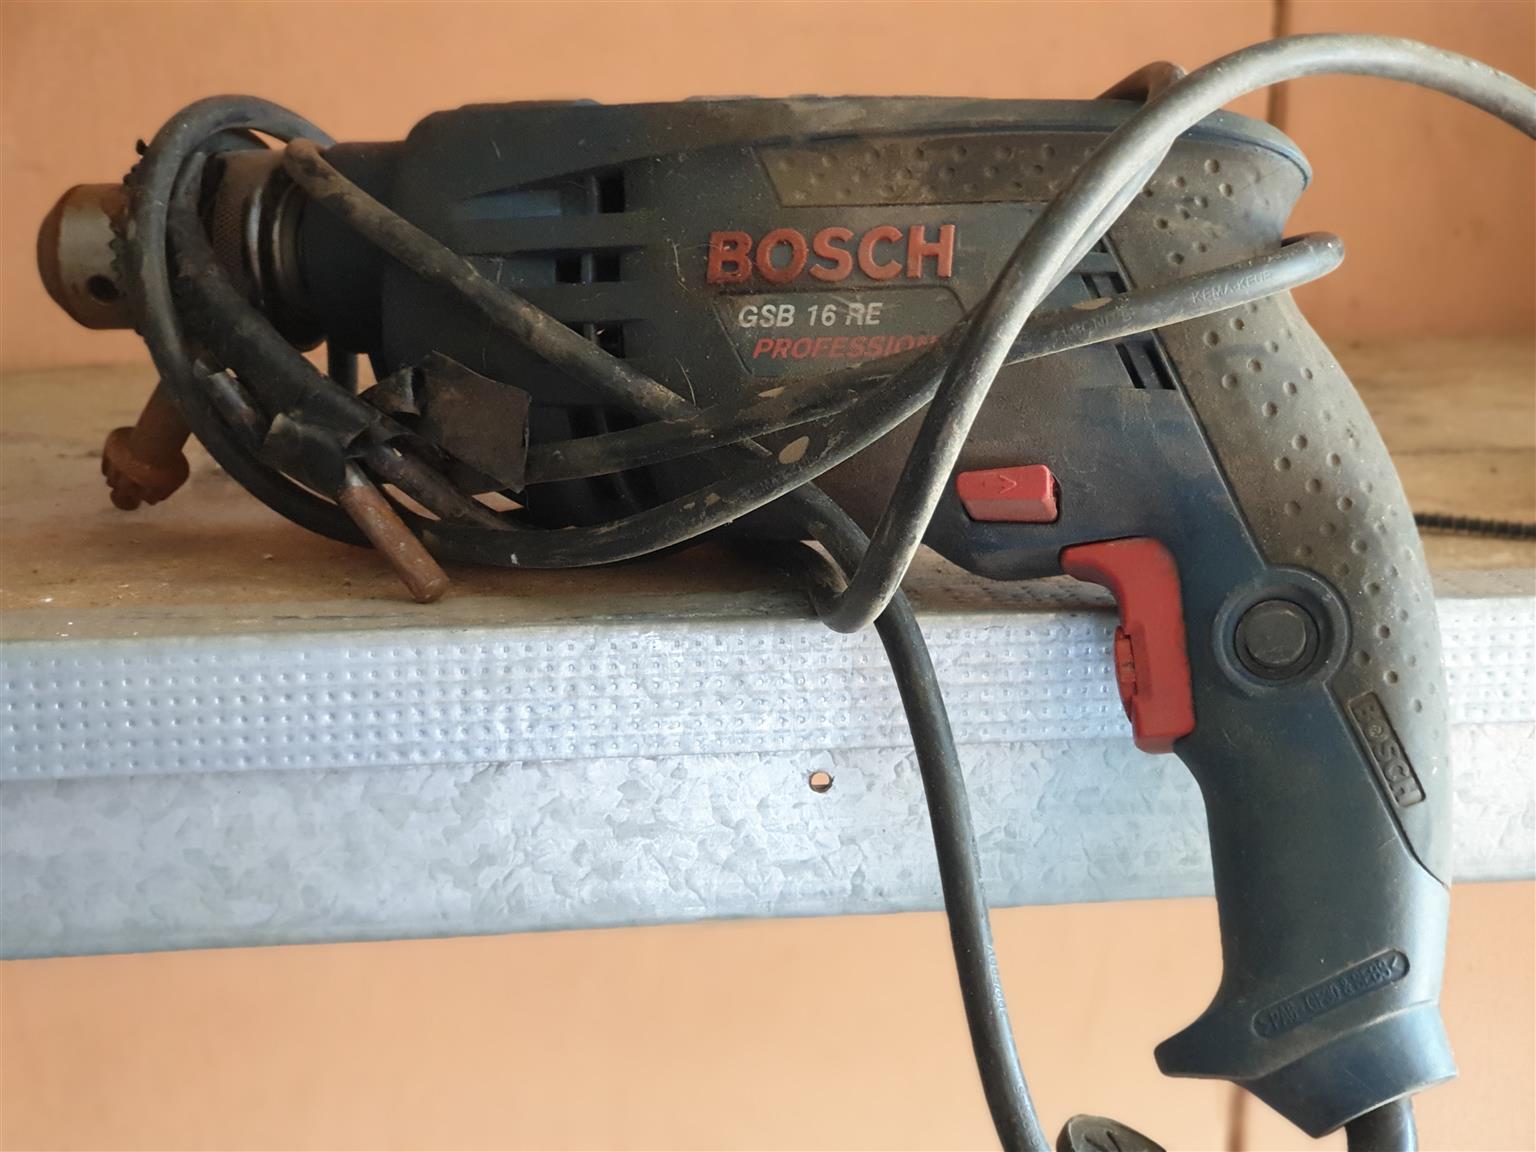 2 BOSH drill machines GSB16 RE 600W